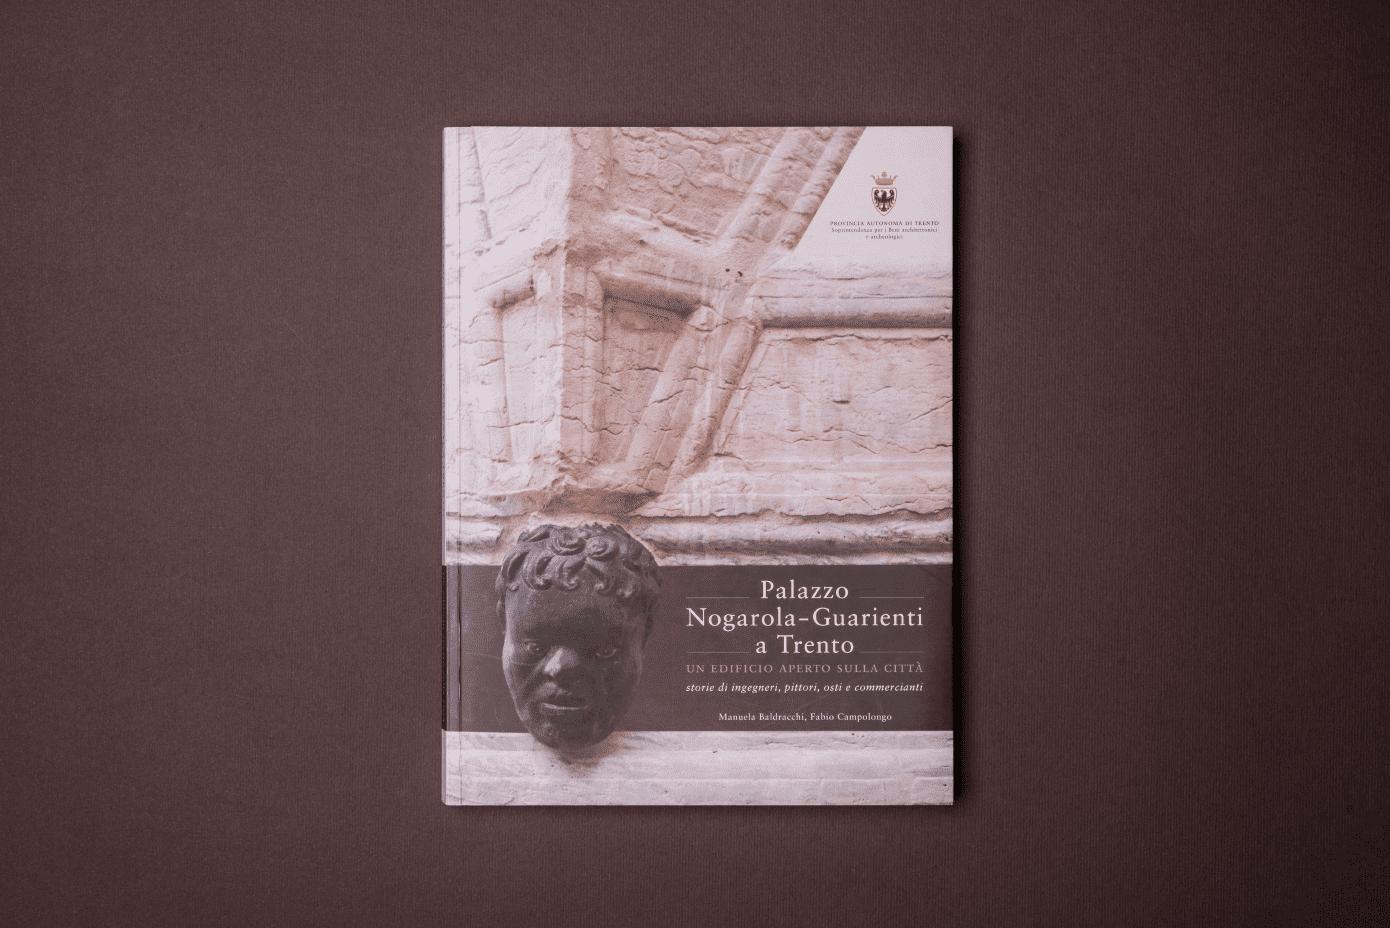 Monografia Palazzo Nogarola-Guarienti a Trento